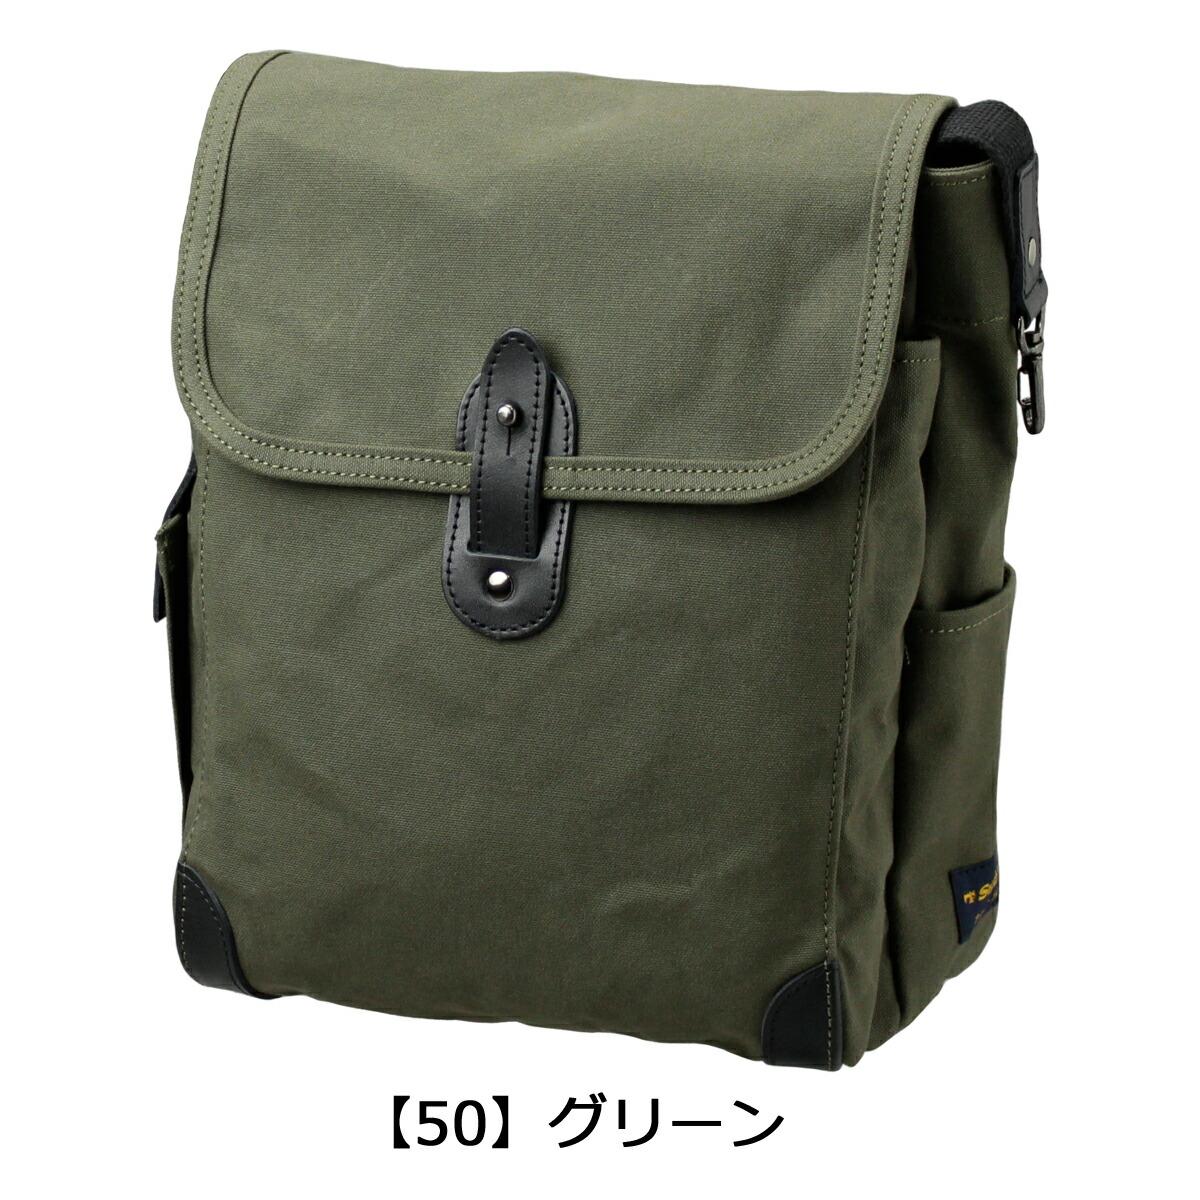 【50】グリーン